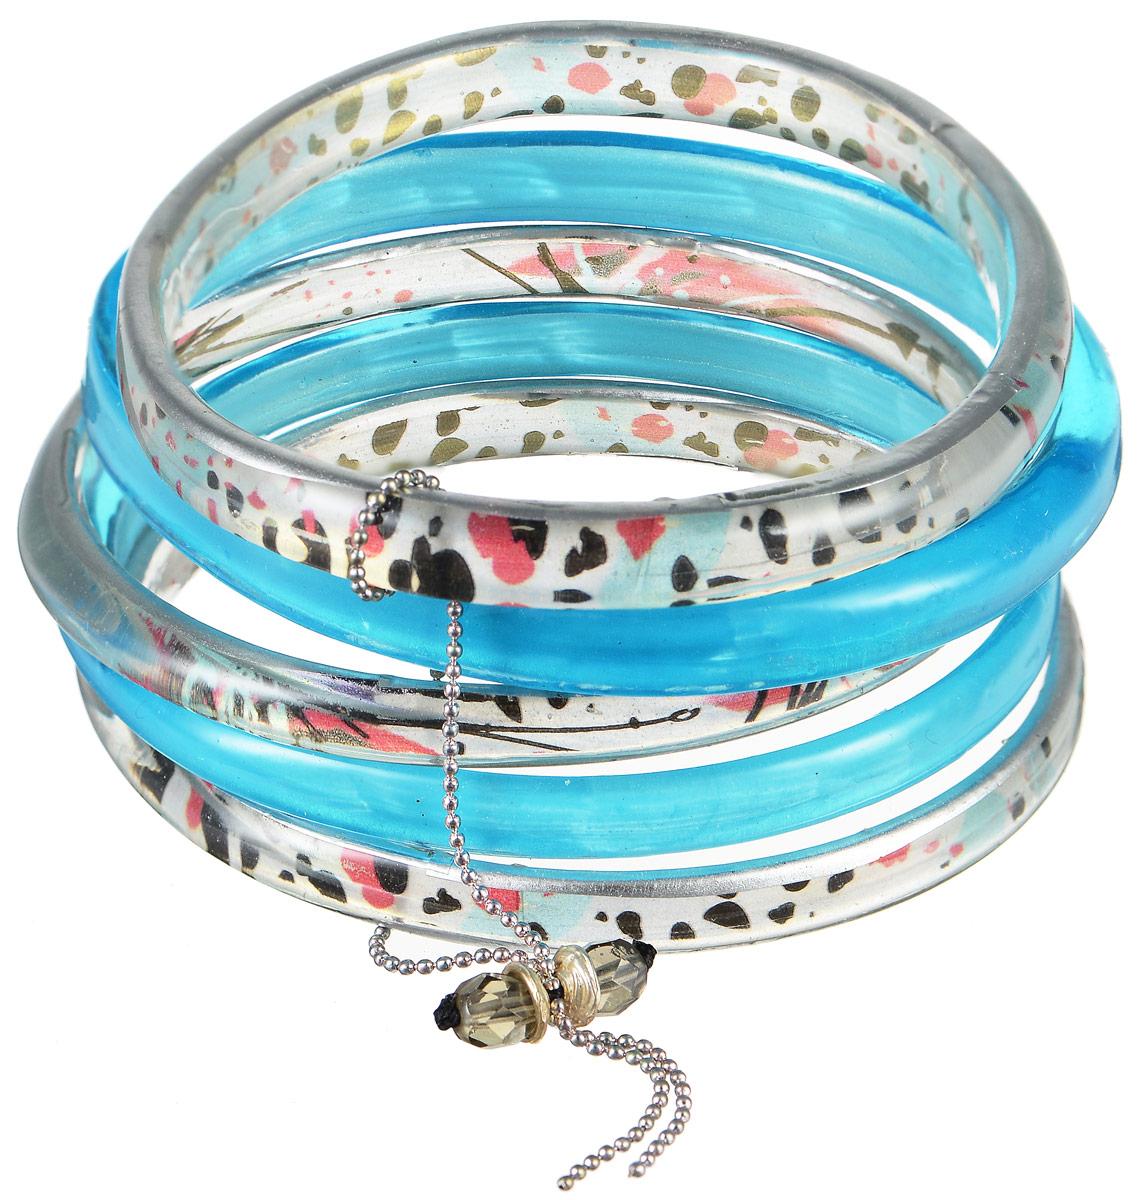 Браслет Lalo Treasures Row, цвет: голубой, серебристый. Bn2509-2Bn2509-2Яркое комбинированное украшение Lalo Treasures Row включает пять браслетов, выполненных из ювелирной смолы. Изделия оформлены оригинальными орнаментами. Стильное украшение поможет дополнить любой образ и привнести в него завершающий яркий штрих.